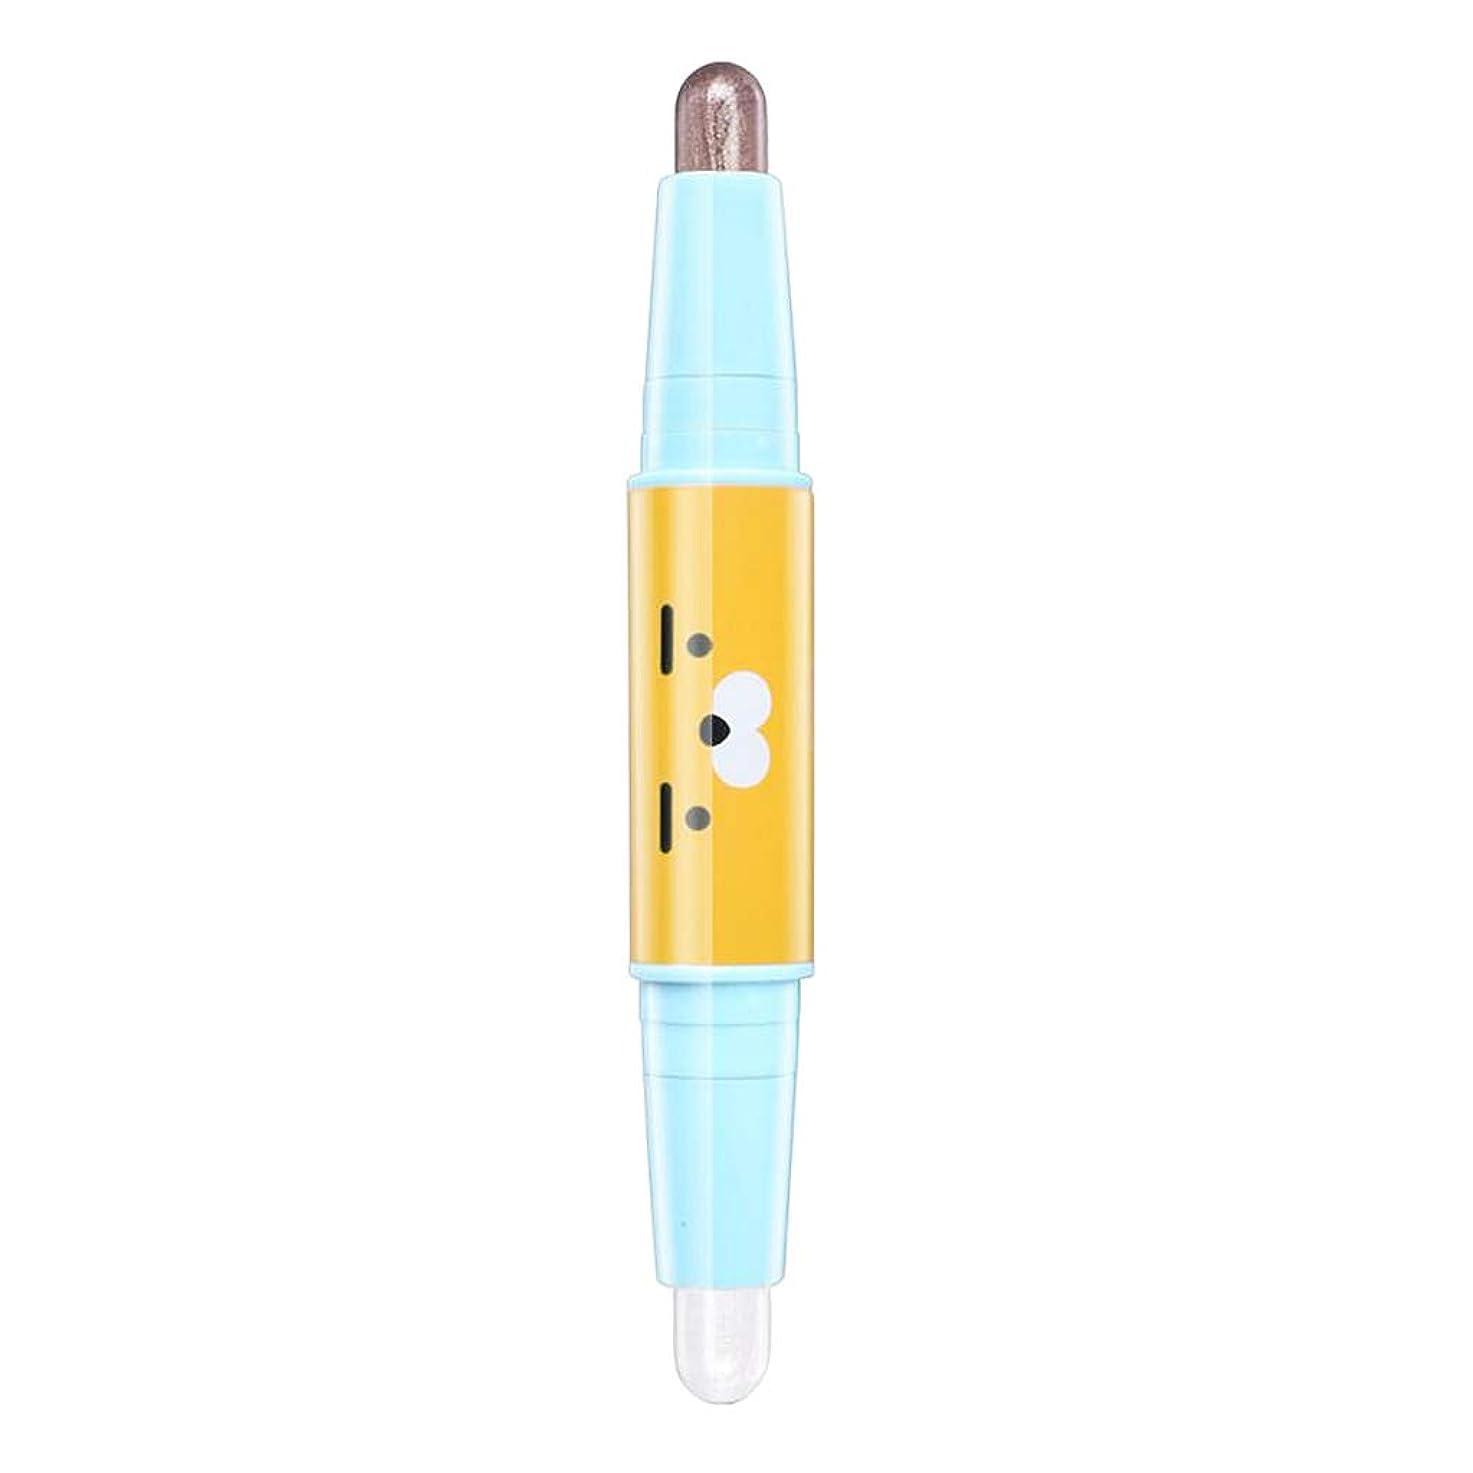 独立したイライラする確かにB Blesiya アイシャドウ 3Dアイペン デュアルヘッド ハイライター アイメイク 魅力的 6色選べ - 05